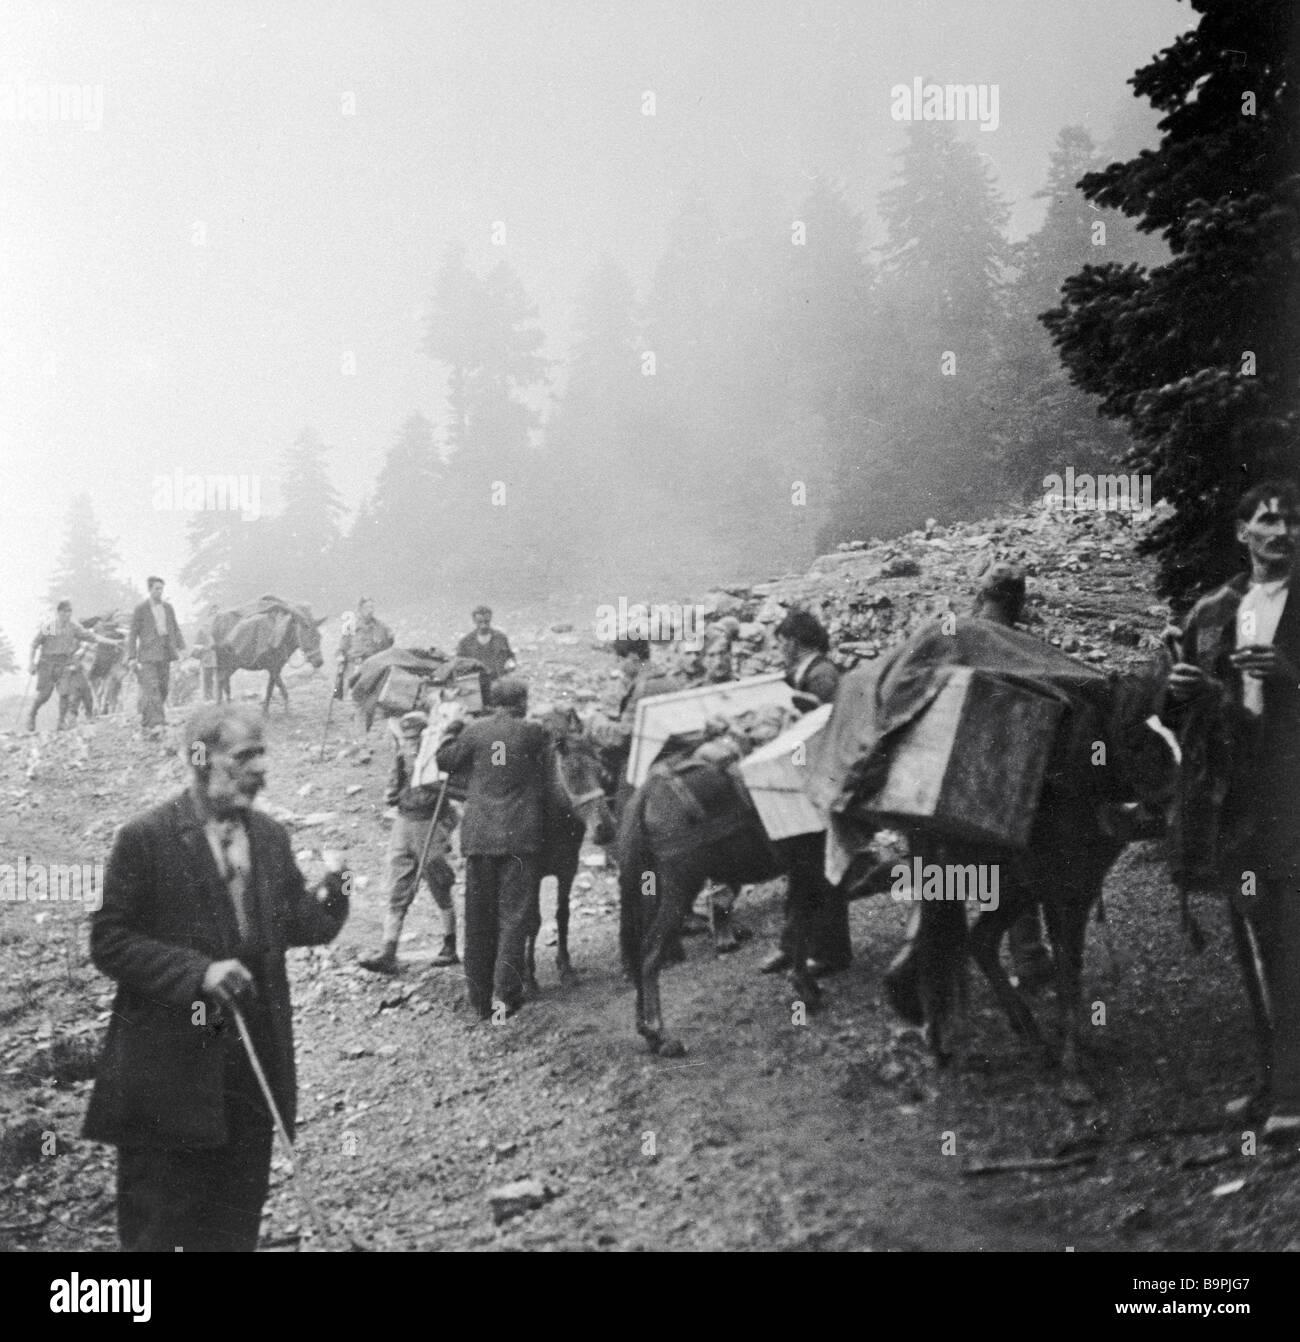 Griechen helfen die ELAS-Kader mit Waffe Lieferungen während des zweiten Weltkriegs Stockbild